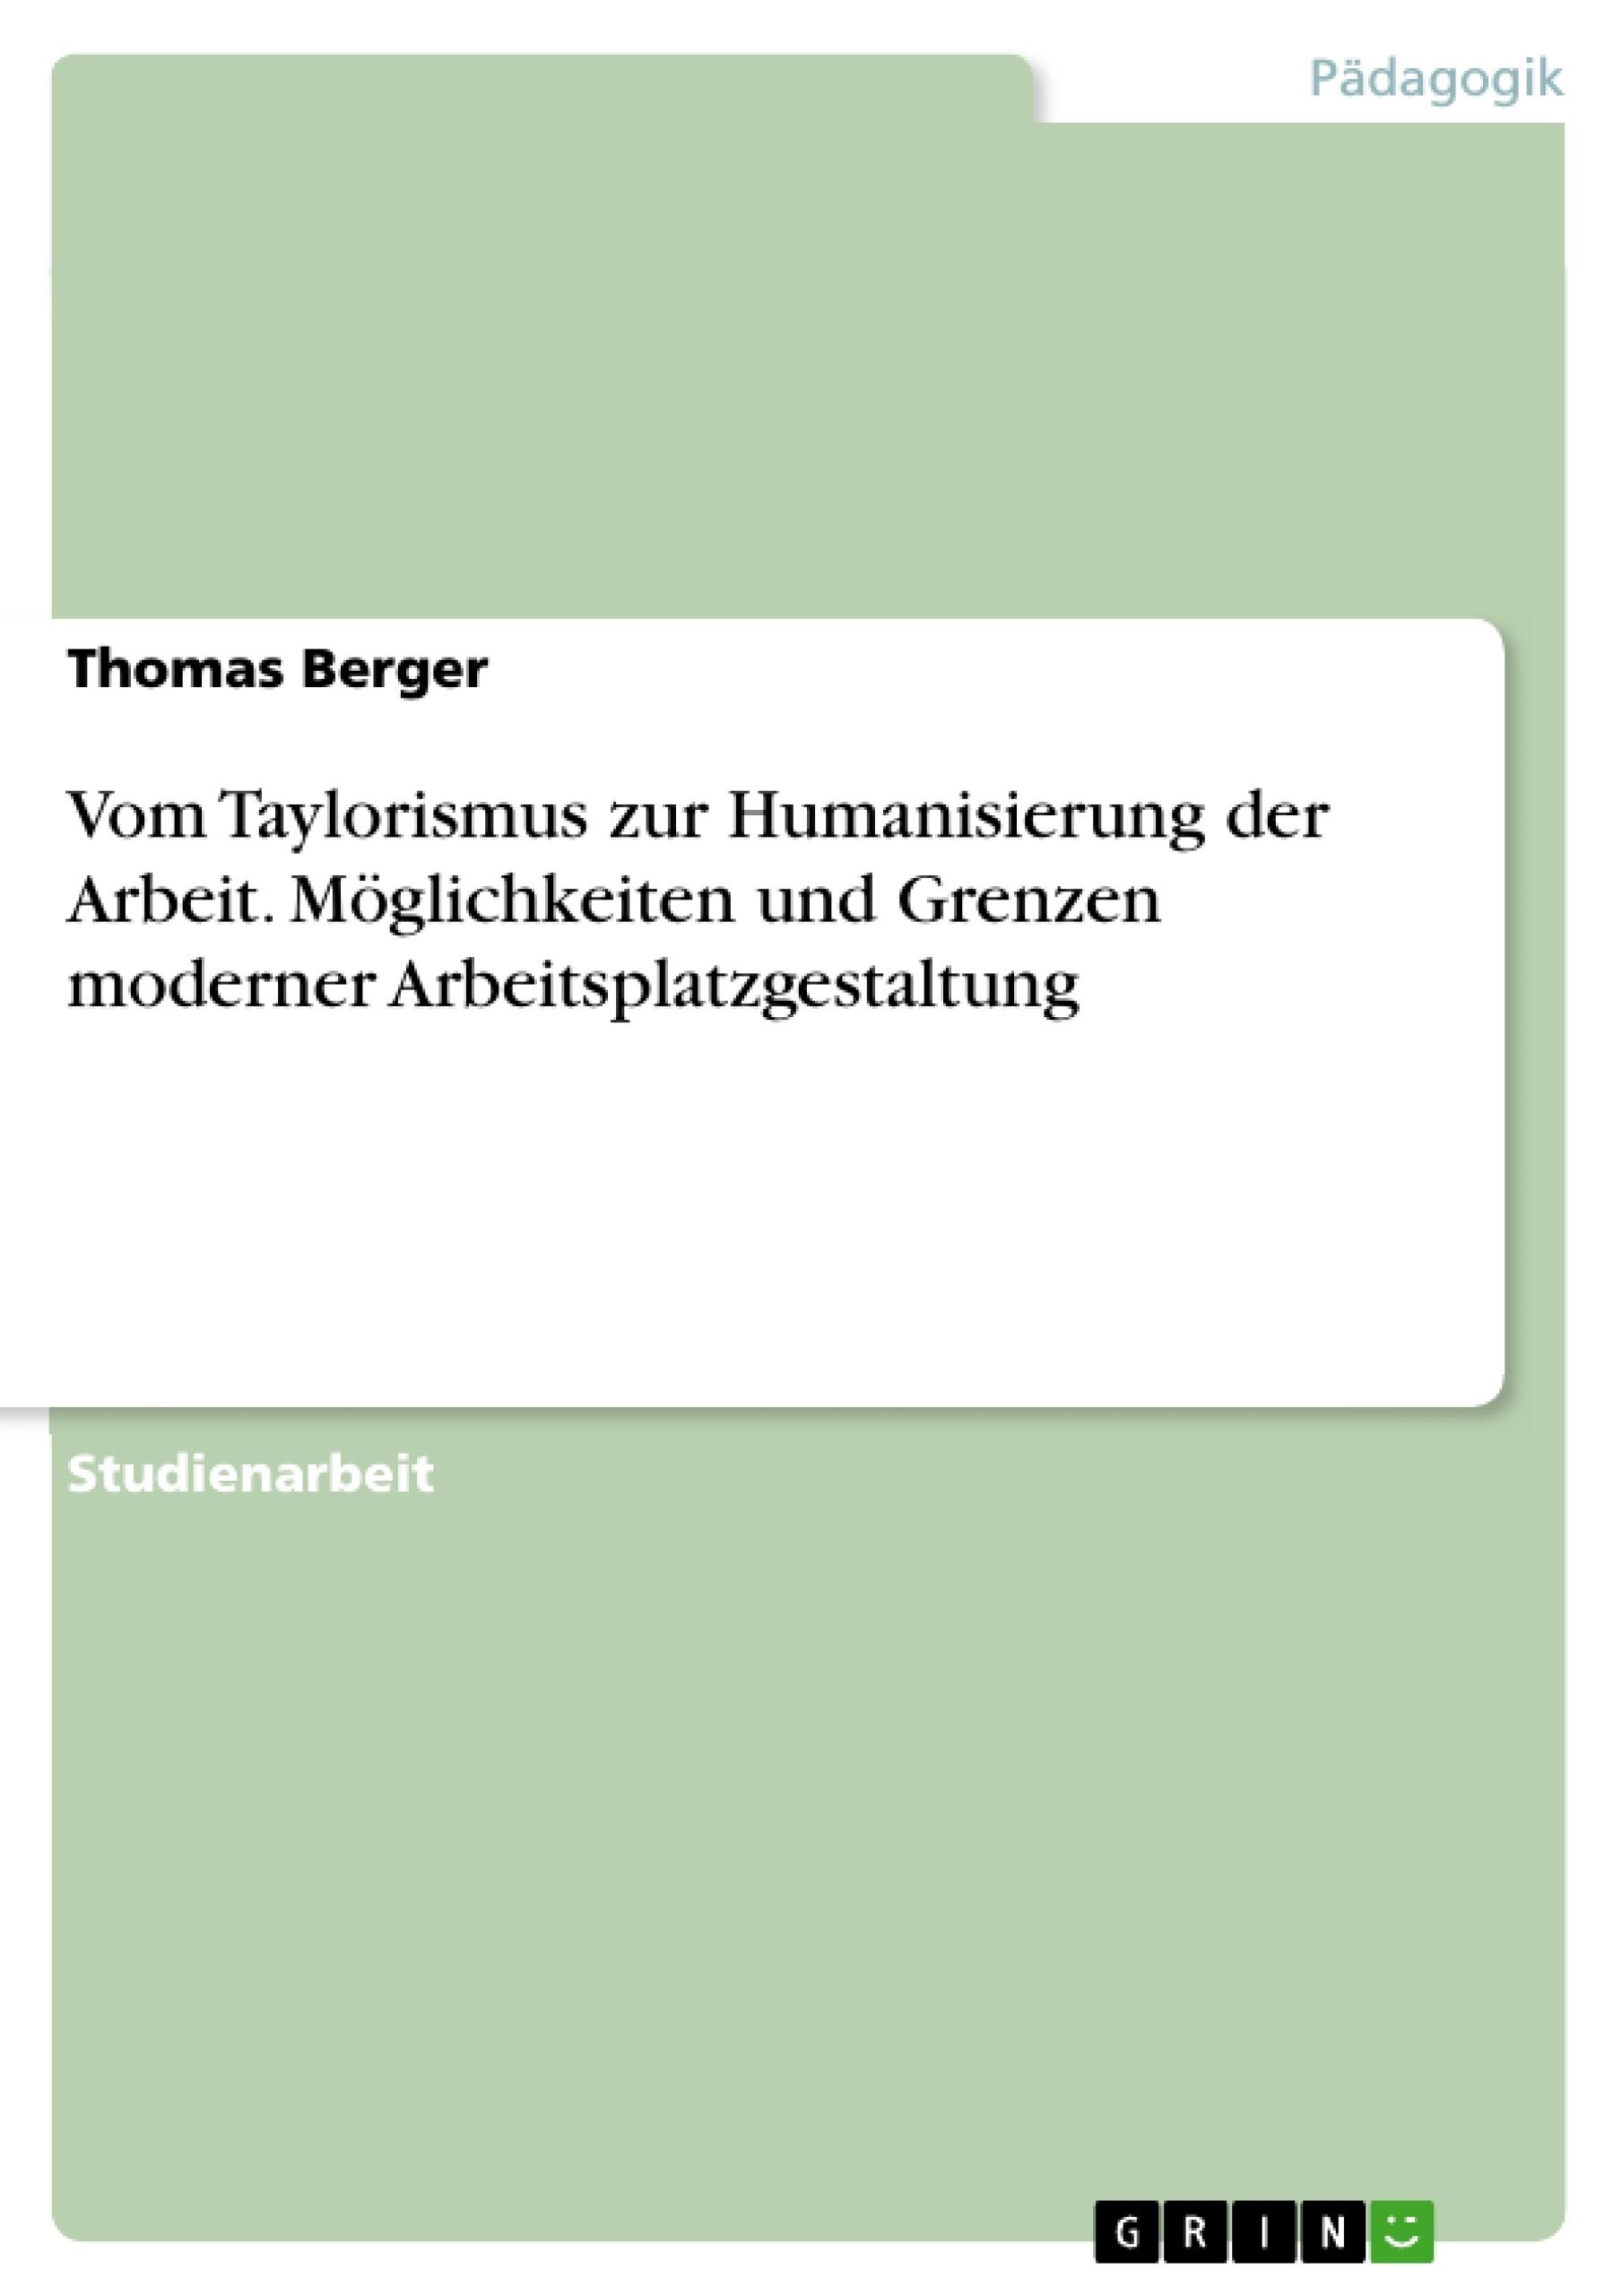 Titel: Vom Taylorismus zur Humanisierung der Arbeit. Möglichkeiten und Grenzen moderner Arbeitsplatzgestaltung